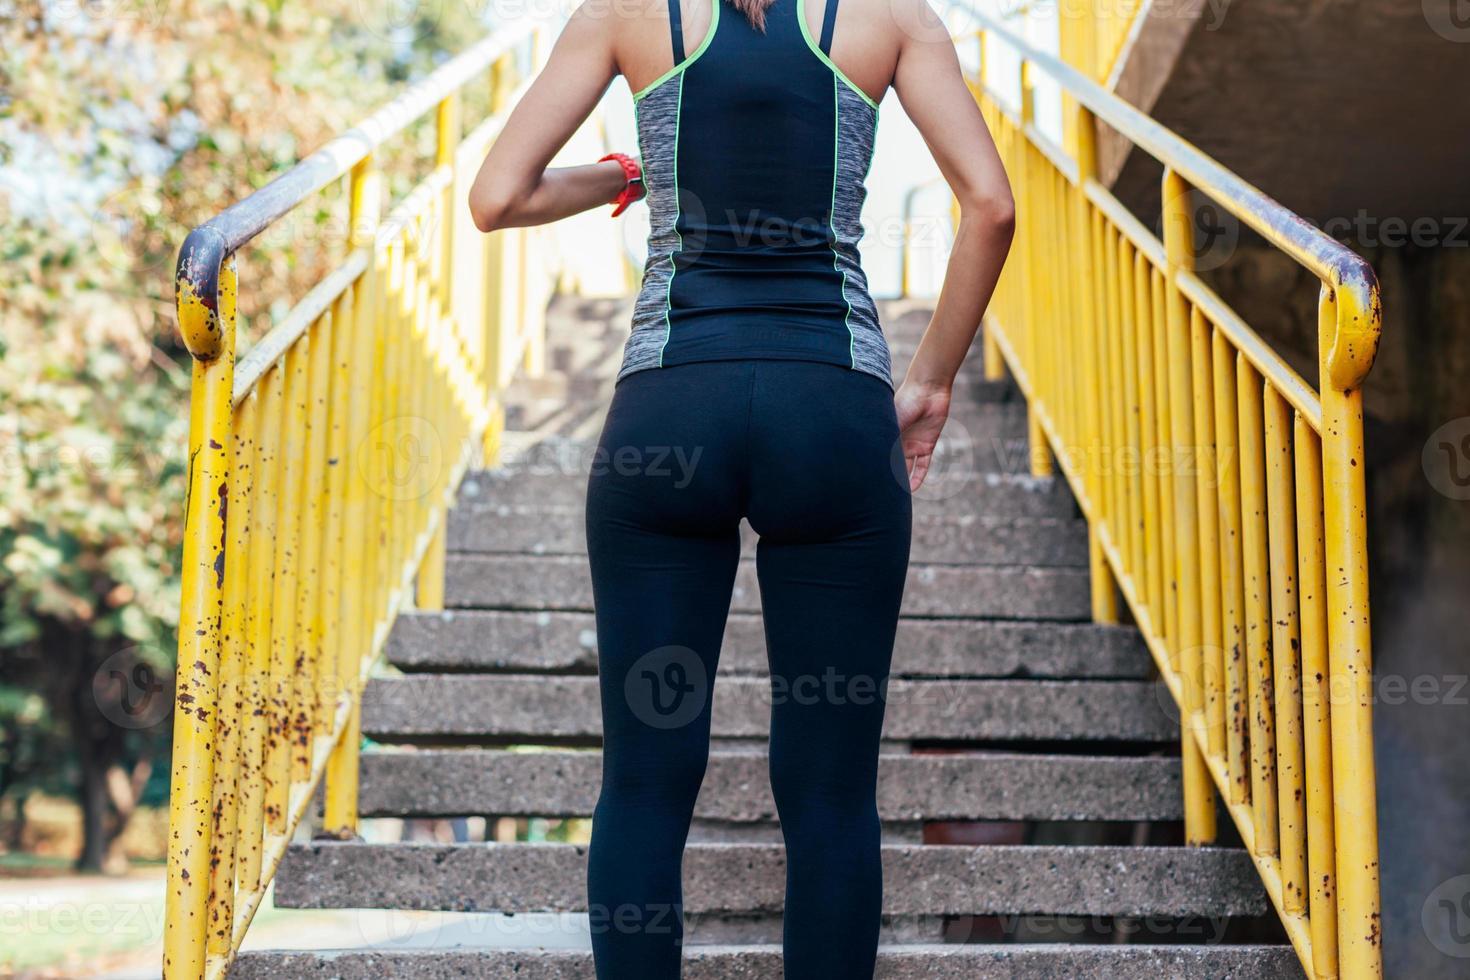 kvinnan förbereder sig för att springa uppför trappan foto